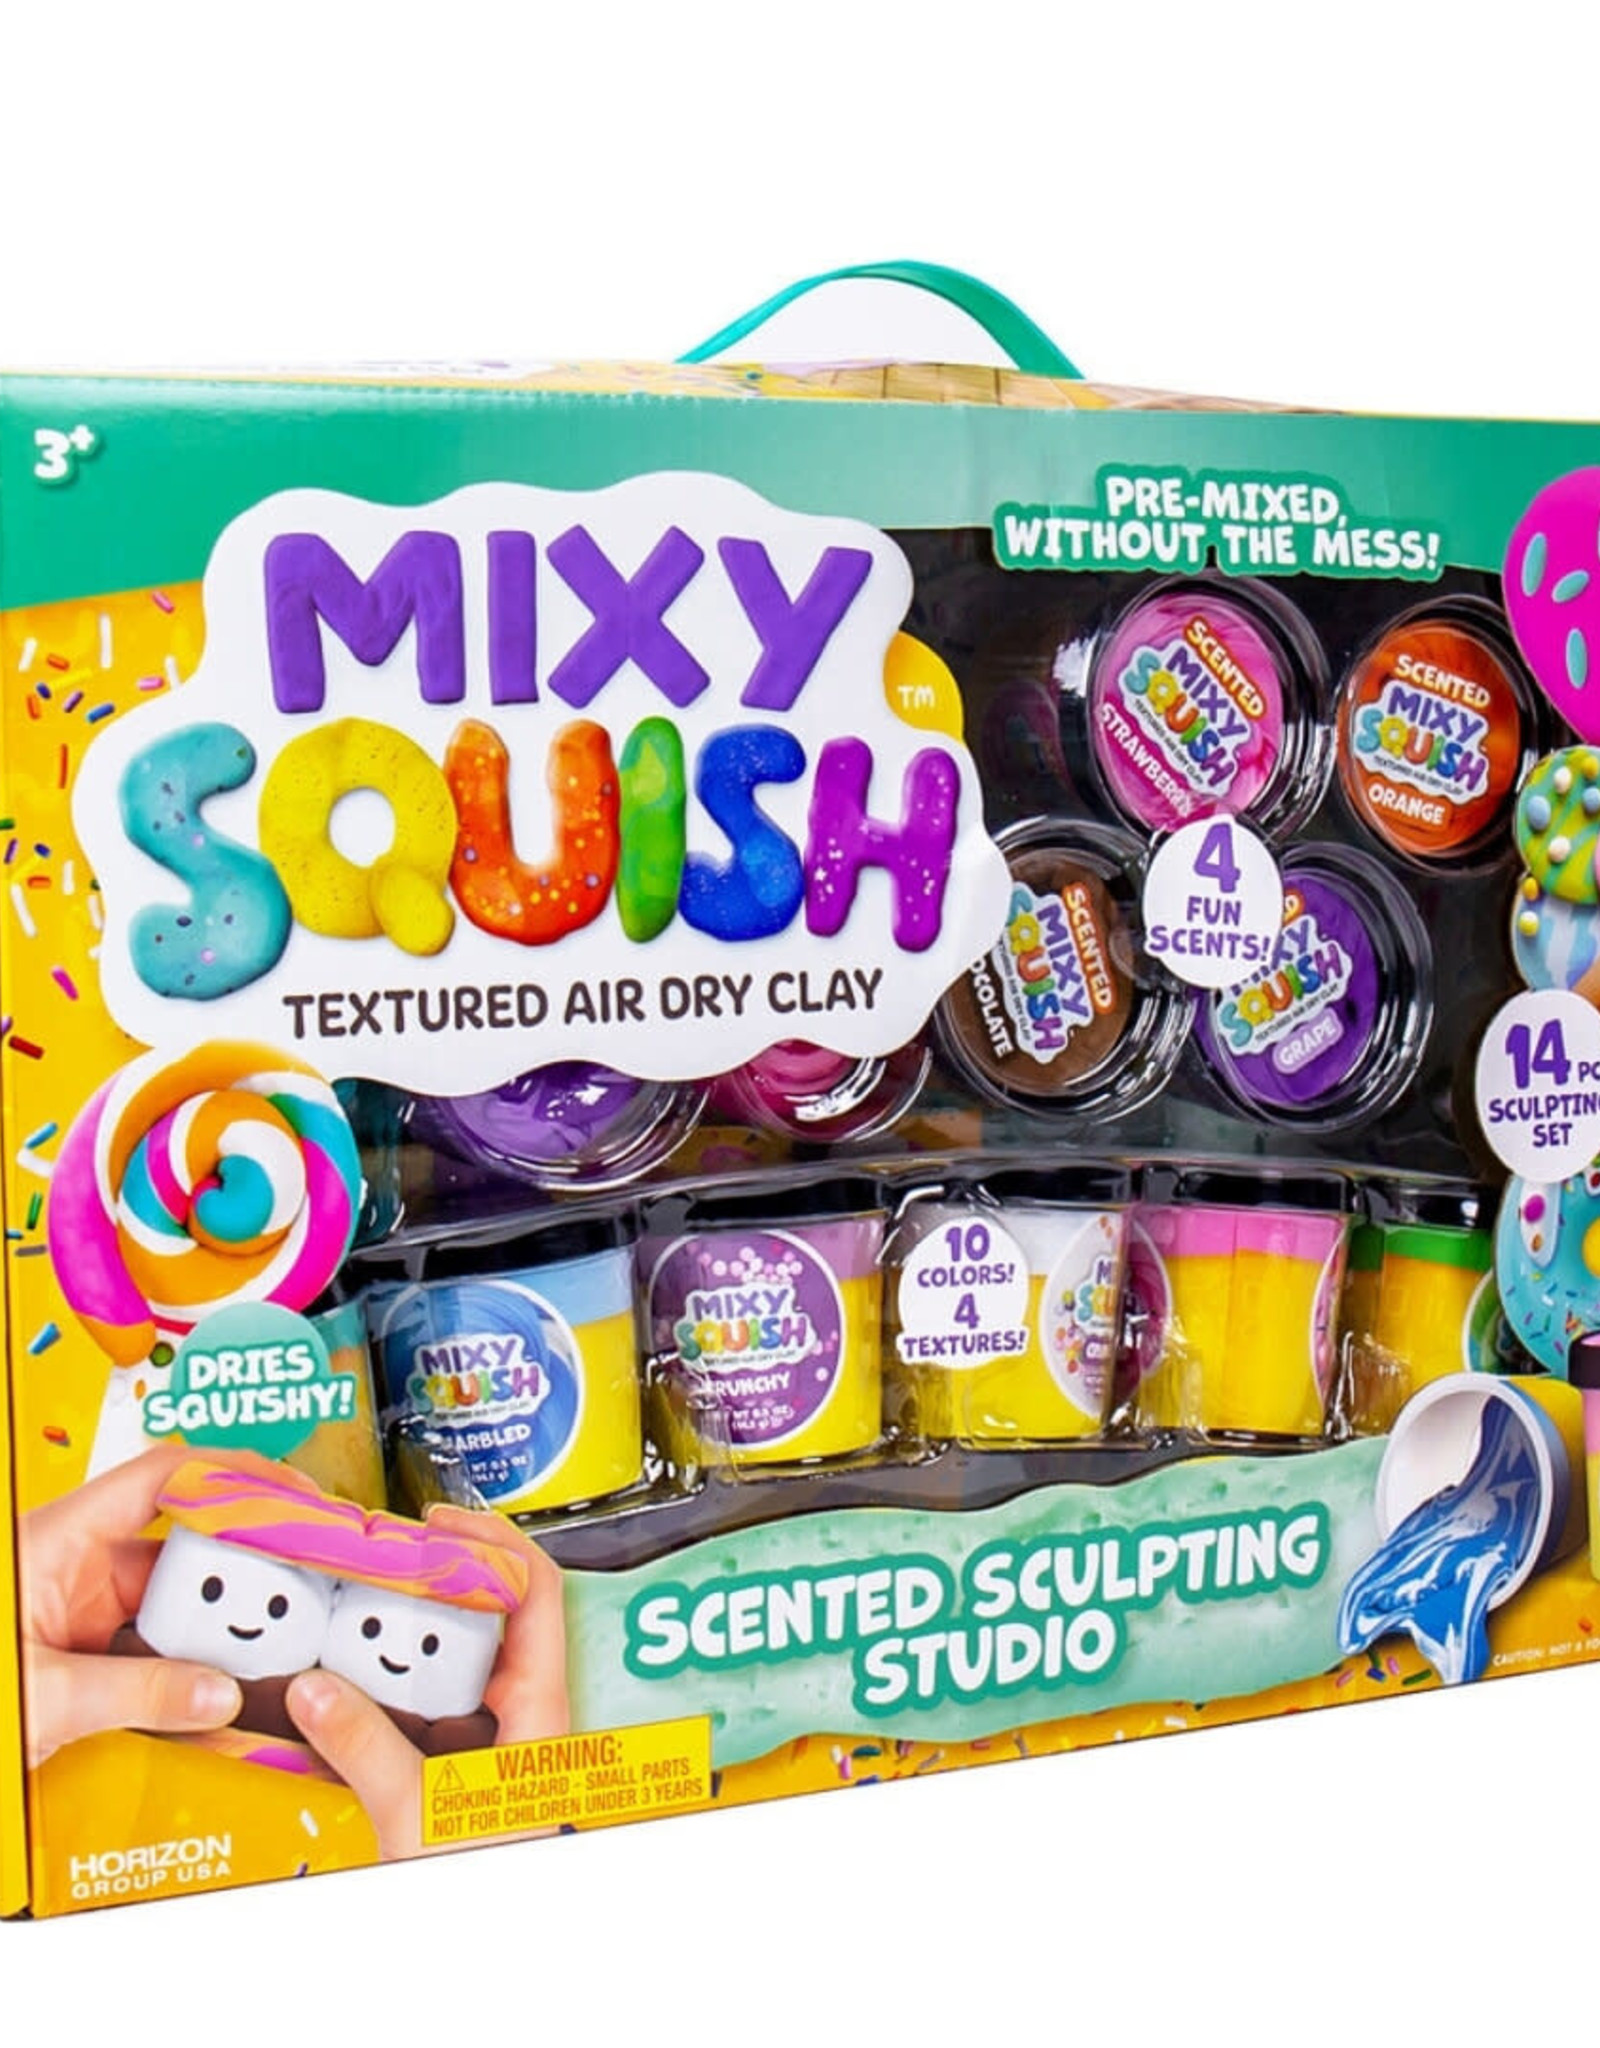 Mixy Squish Scented Sculpting Studio